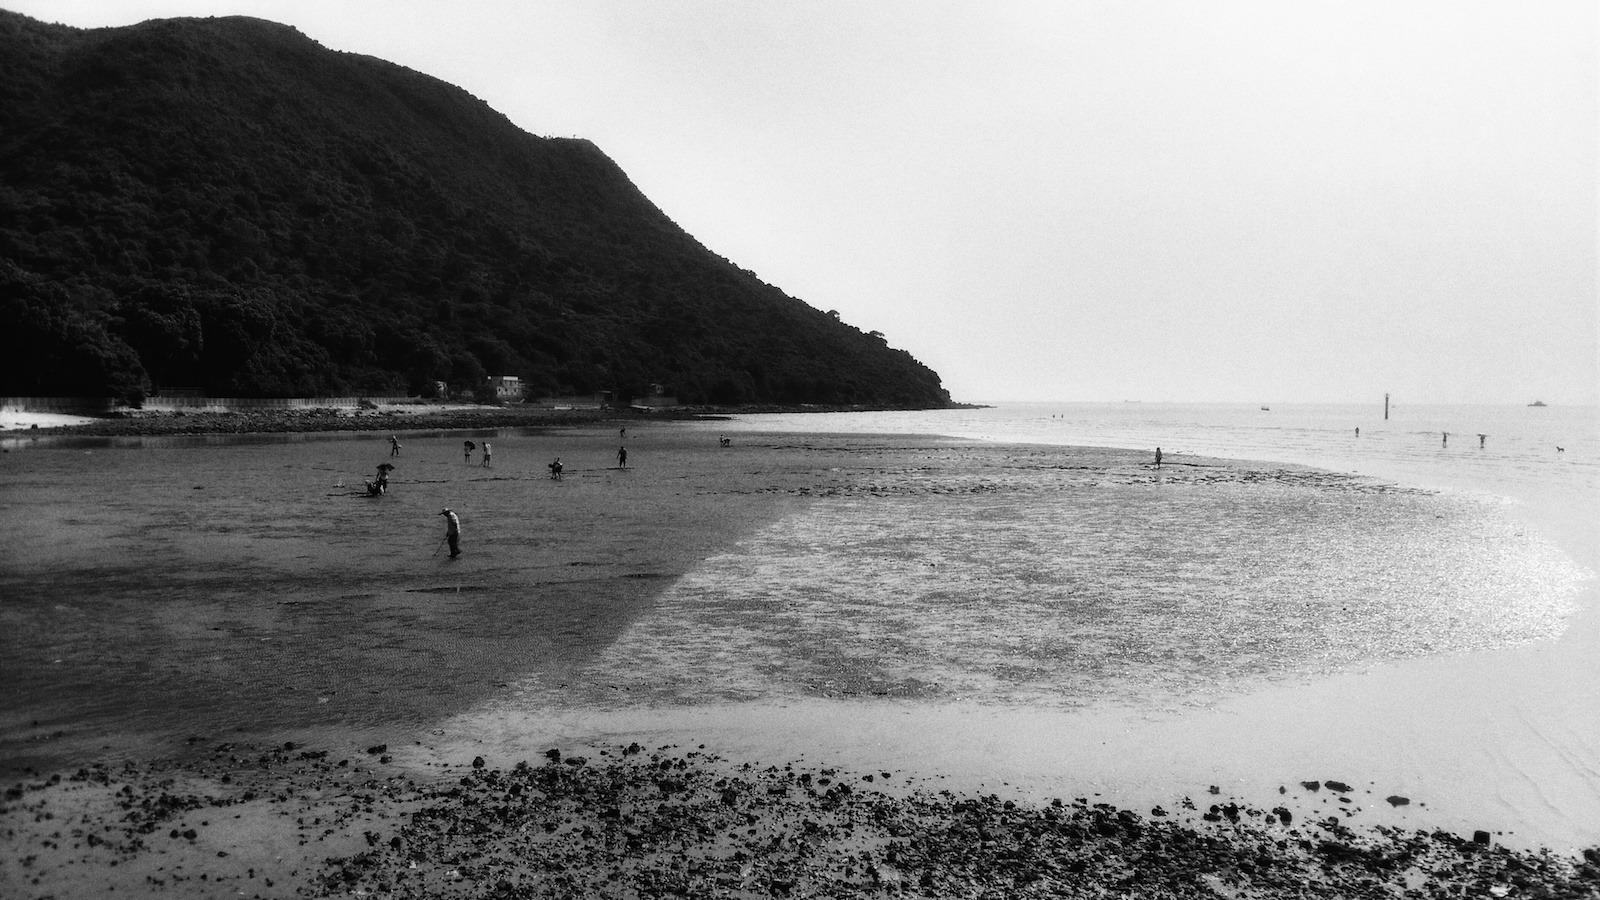 遊人在二澳海邊摸蜆。